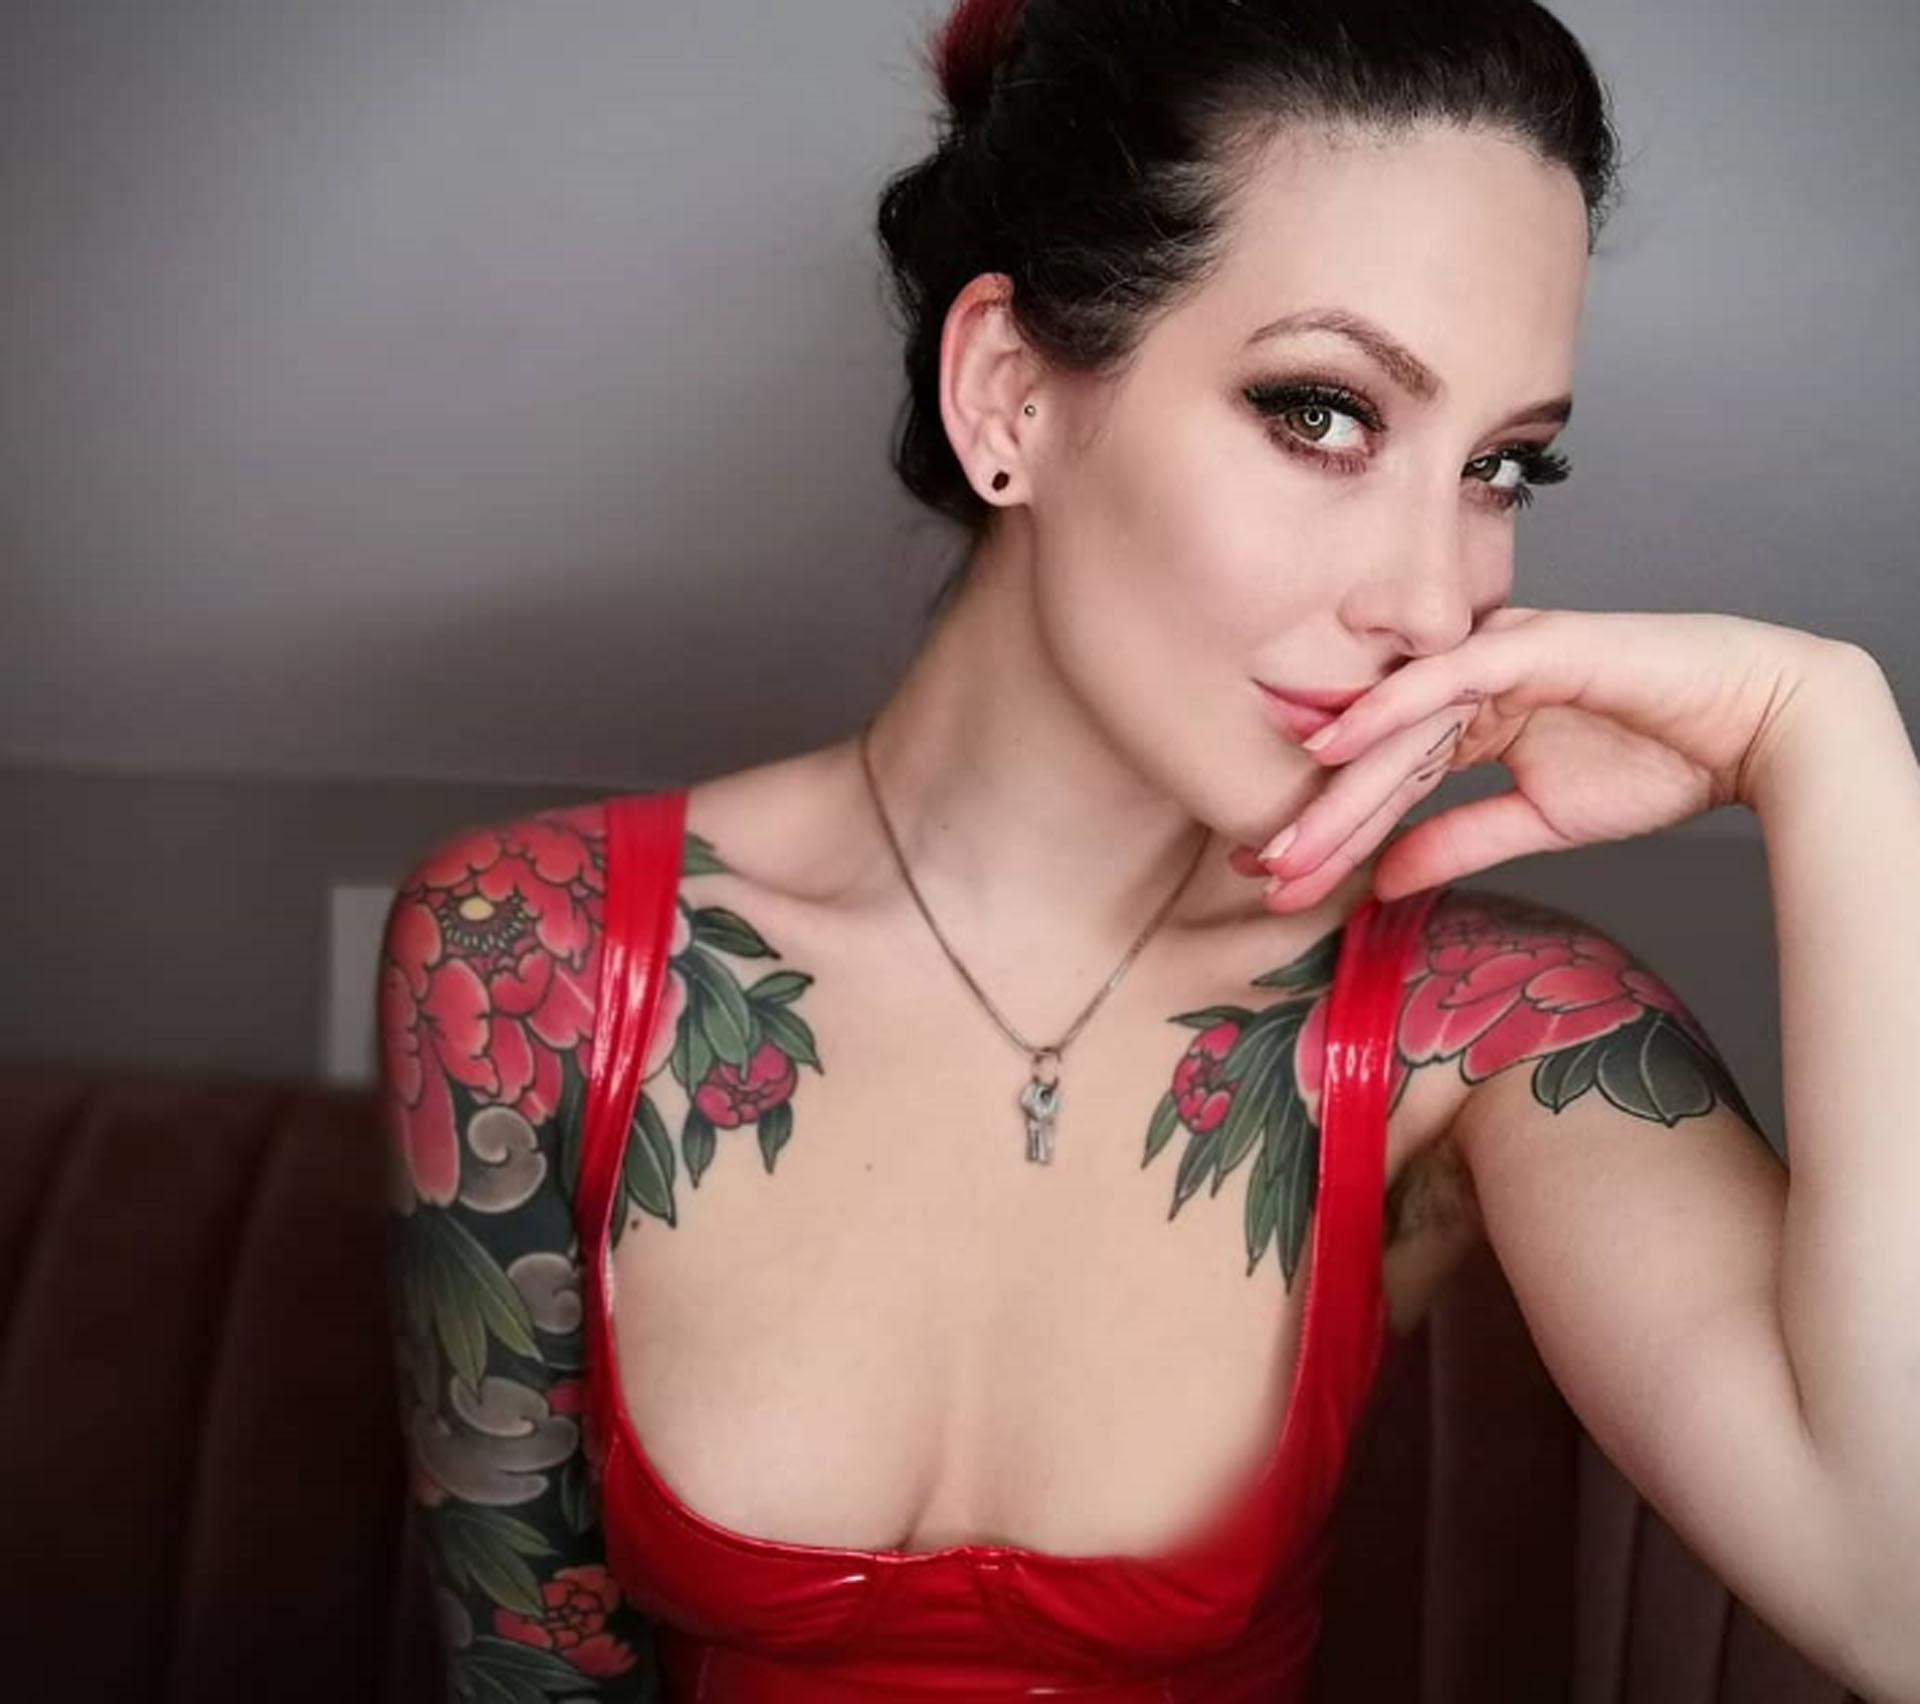 Mistress Adreena 14